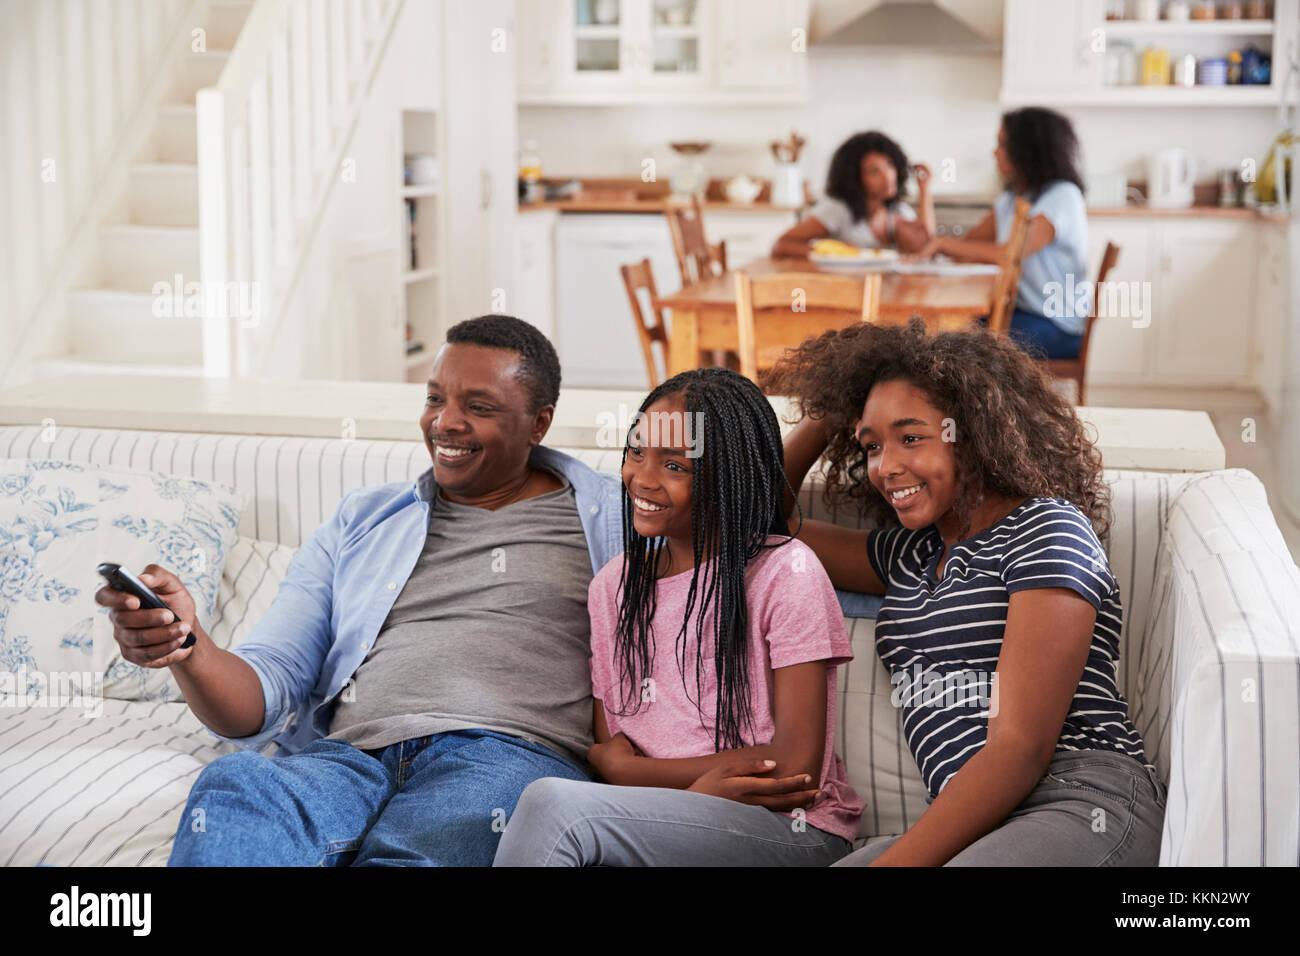 Vater sitzt auf einem Sofa Fernsehen mit Töchtern im Teenageralter Stockfoto